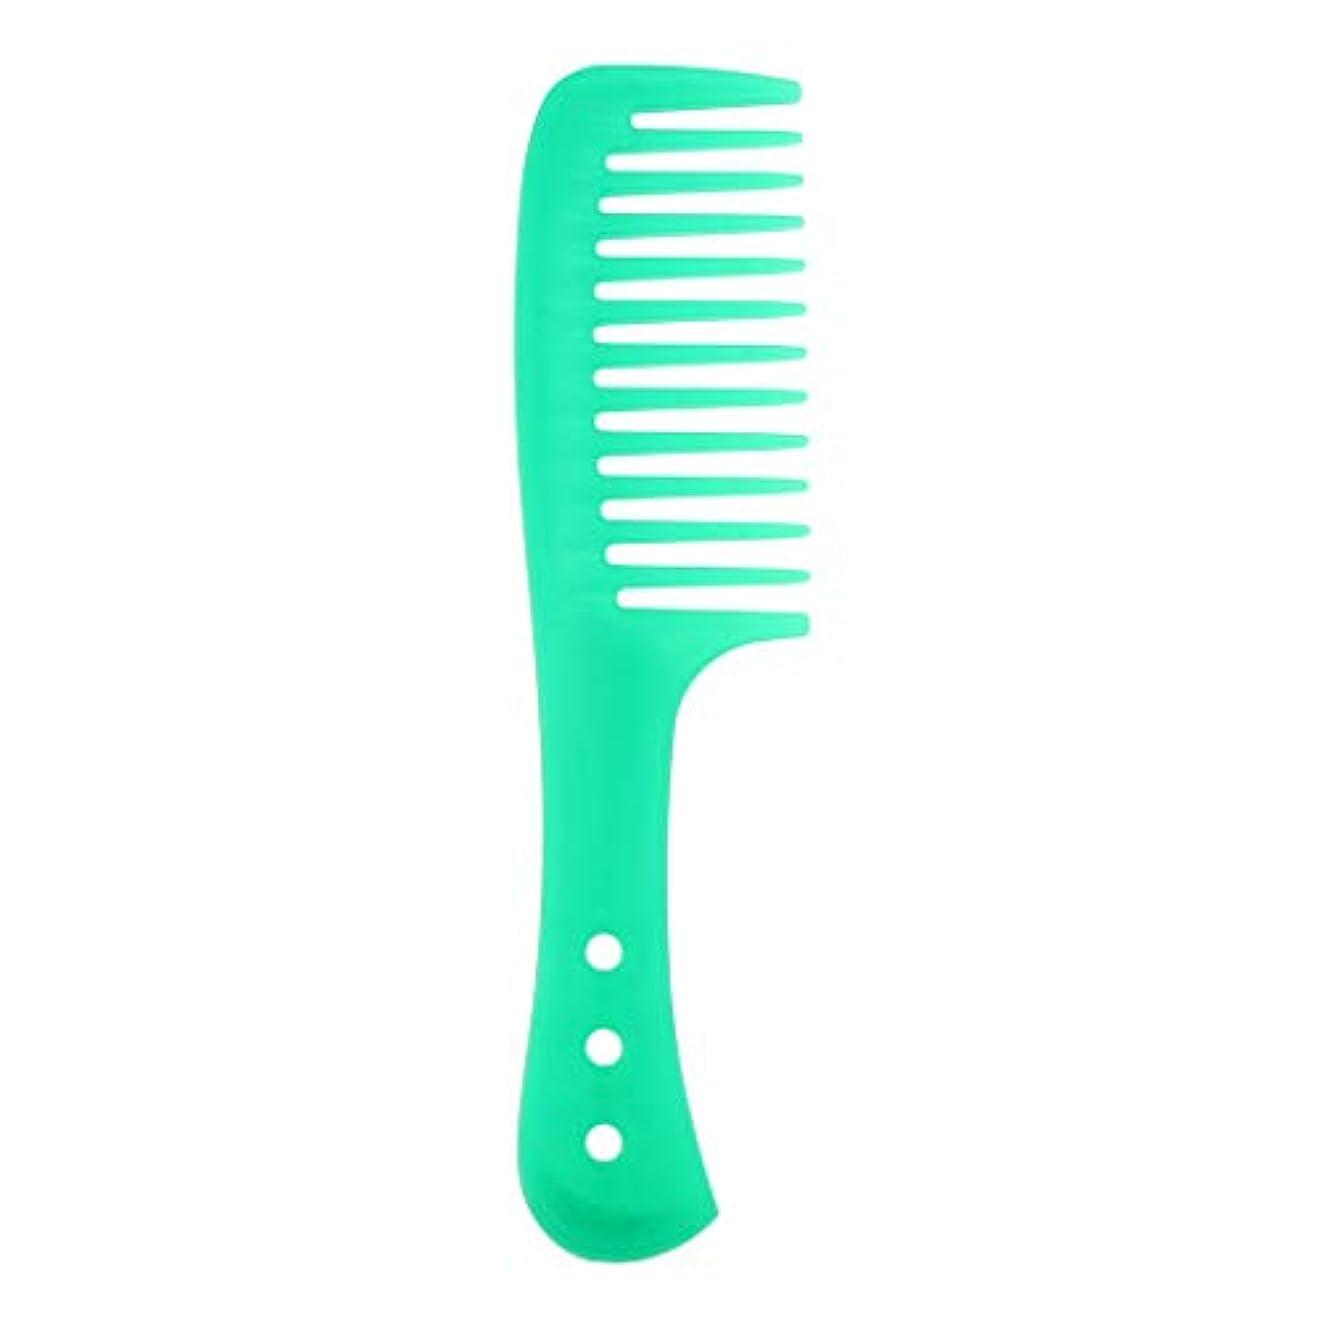 公式視線ボクシングポータブル理髪広い歯の櫛巻き毛のDetangler頭皮マッサージブラシ - 緑